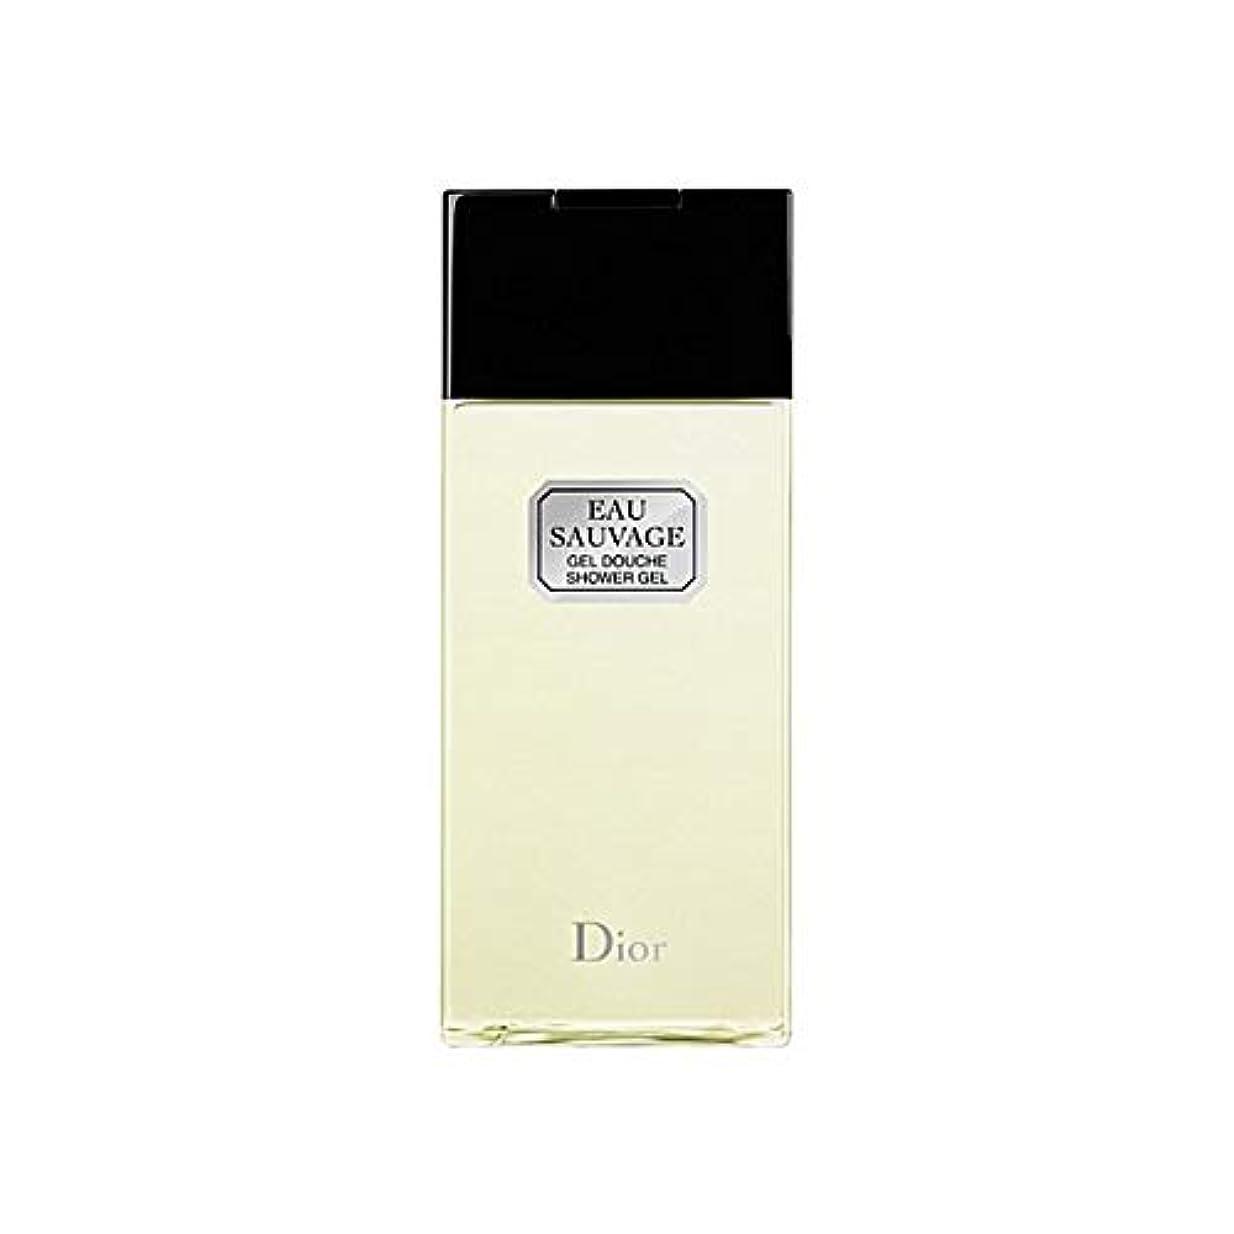 庭園ガラス残る[Dior ] ディオールオーソバージュシャワージェル200Ml - Dior Eau Sauvage Shower Gel 200ml [並行輸入品]